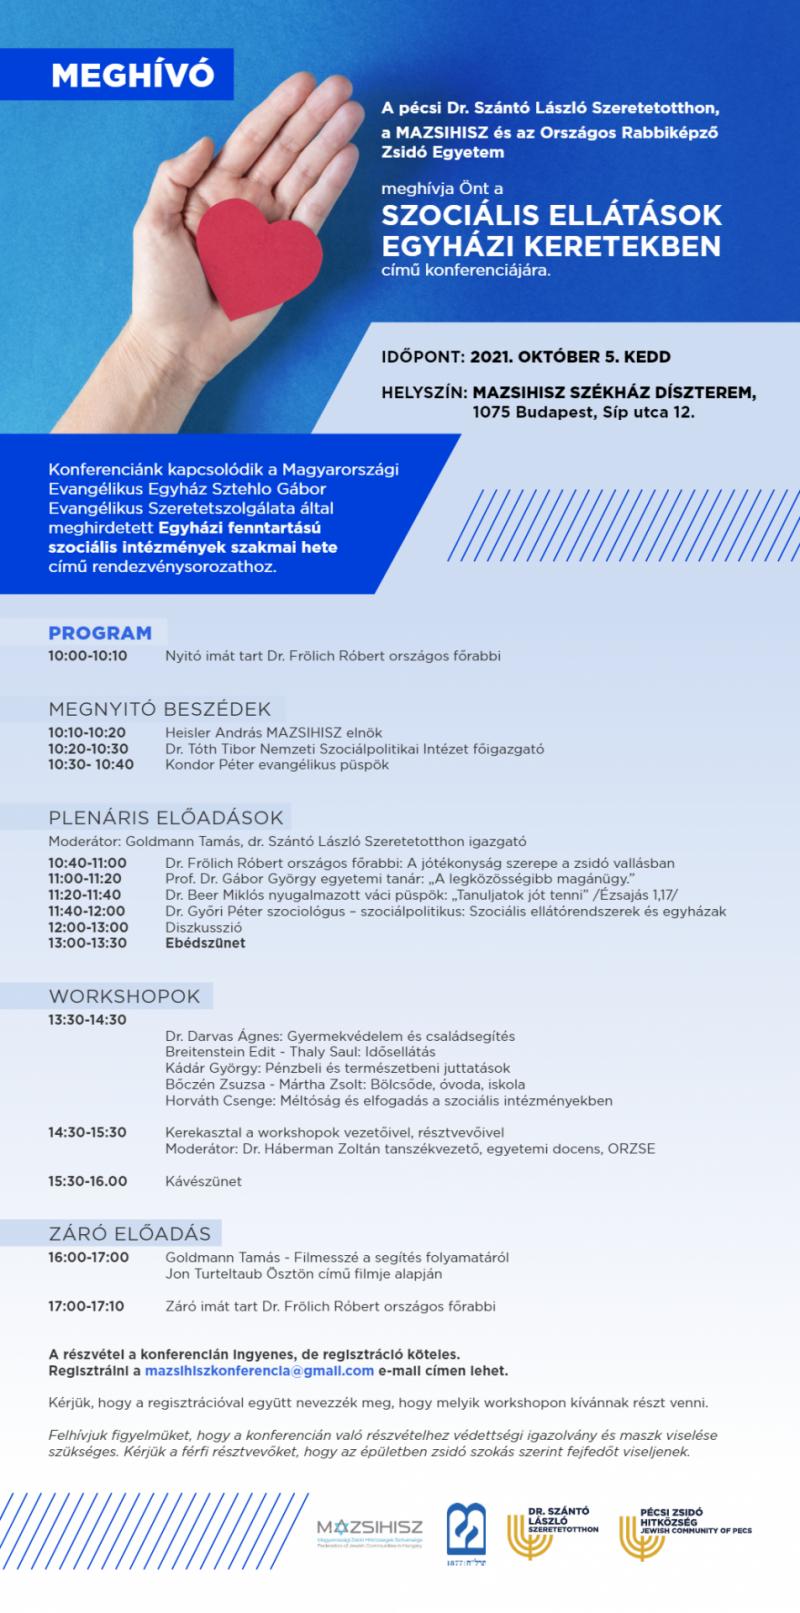 szociális-konferencia-mazsihisz-orzse.png